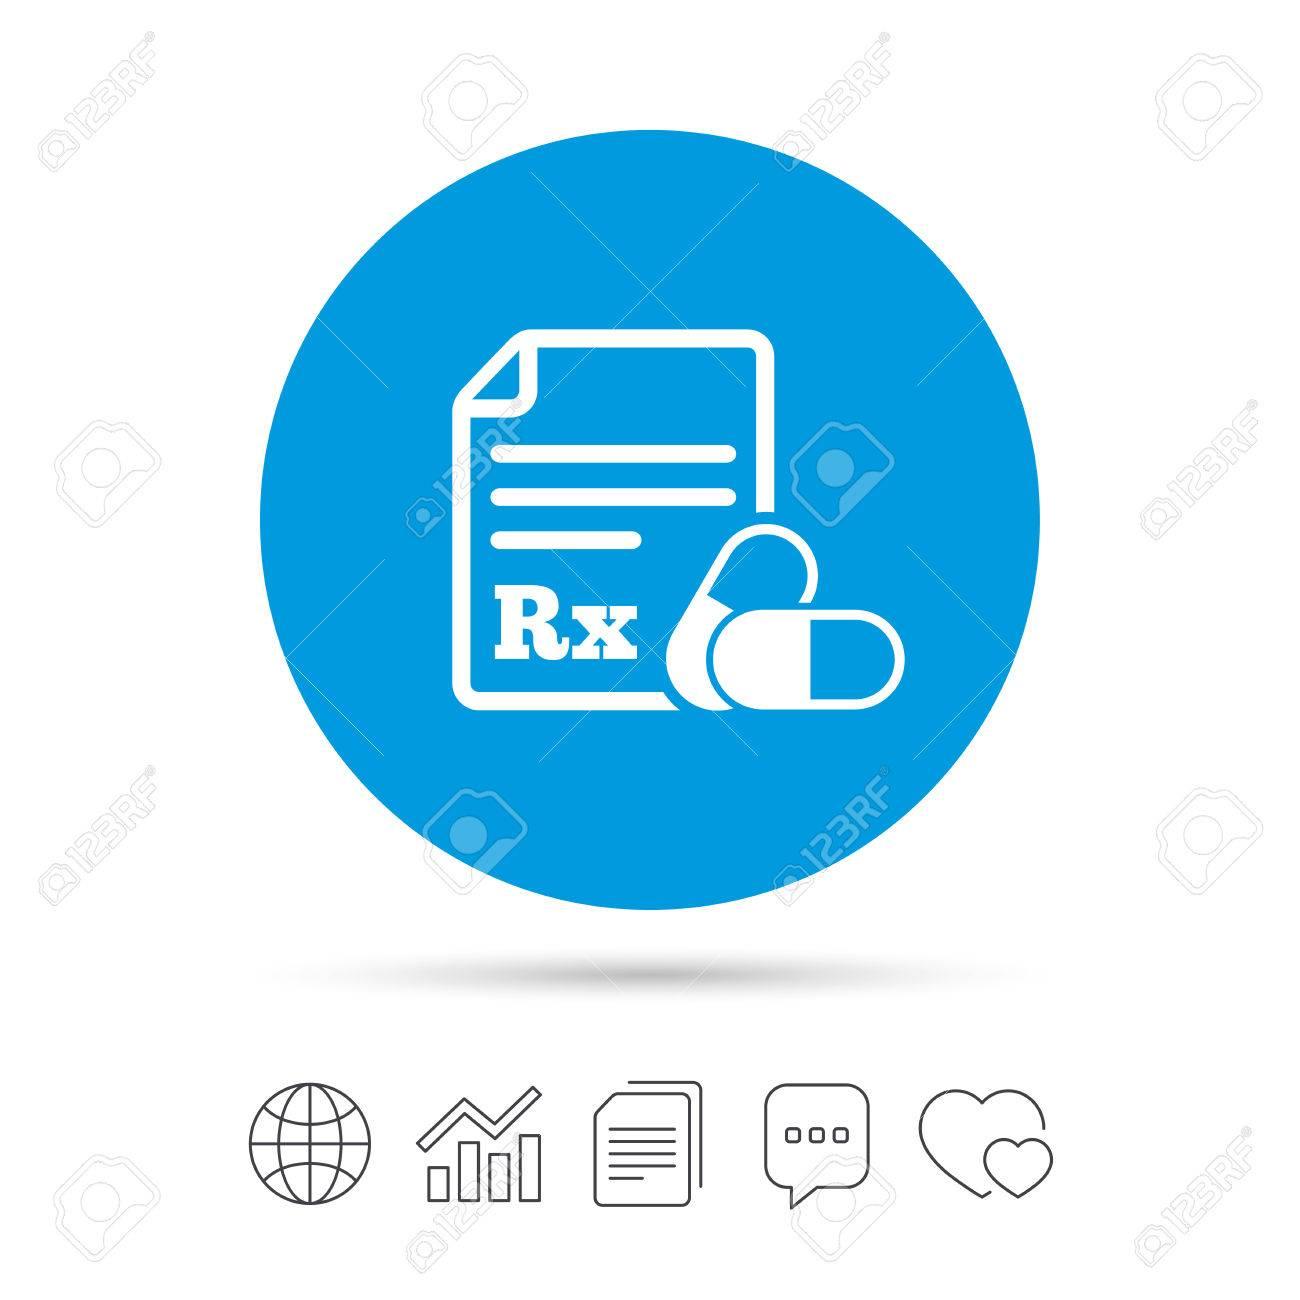 hight resolution of ic ne de signe rx pour prescription m dicale symbole de pharmacie ou de m dicament avec deux pilules copiez des fichiers des bulles de discours de